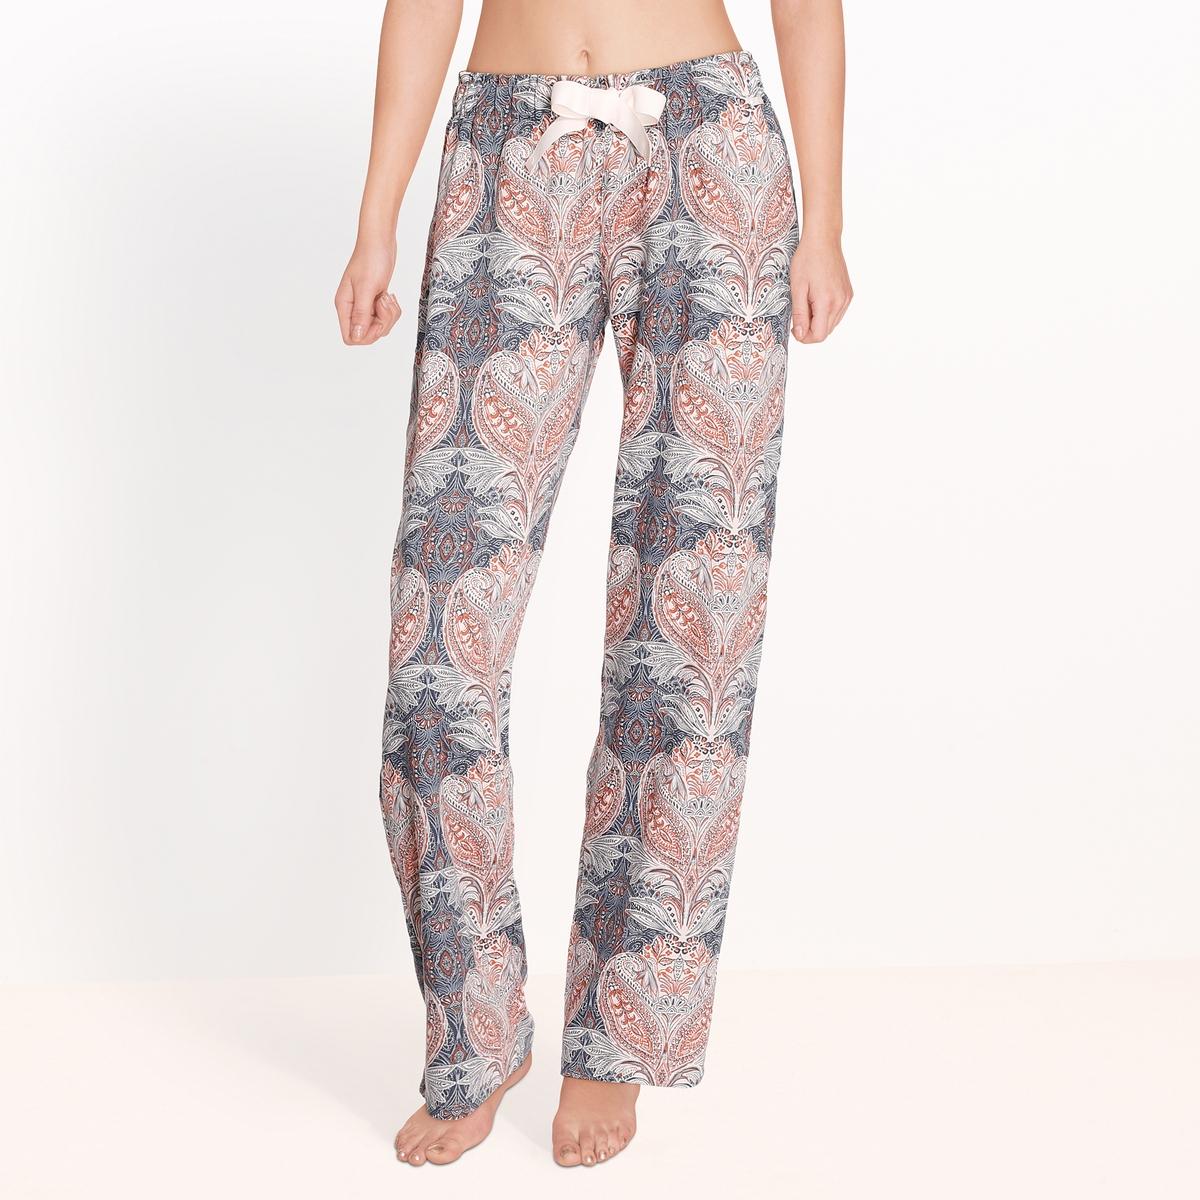 Брюки от пижамы, Moonlight sparkle sleepБрюки от пижамы с кашемировым рисунком, Moonlight sparkle sleep от Skiny.Бархатистый и мягкий хлопок с красивым кашемировым рисунком. Эластичный пояс. Завязки на широкую ленту. Состав и описание : Материал : 100% хлопокМарка : SkinyМодель : Moonlight sparkle sleepУход: :Машинная стирка при 30 °С на деликатном режиме с вещами схожих цветов.Стирать и гладить при низкой температуре с изнаночной стороны.Машинная сушка запрещена.<br><br>Цвет: набивной рисунок<br>Размер: 38 (FR) - 44 (RUS)